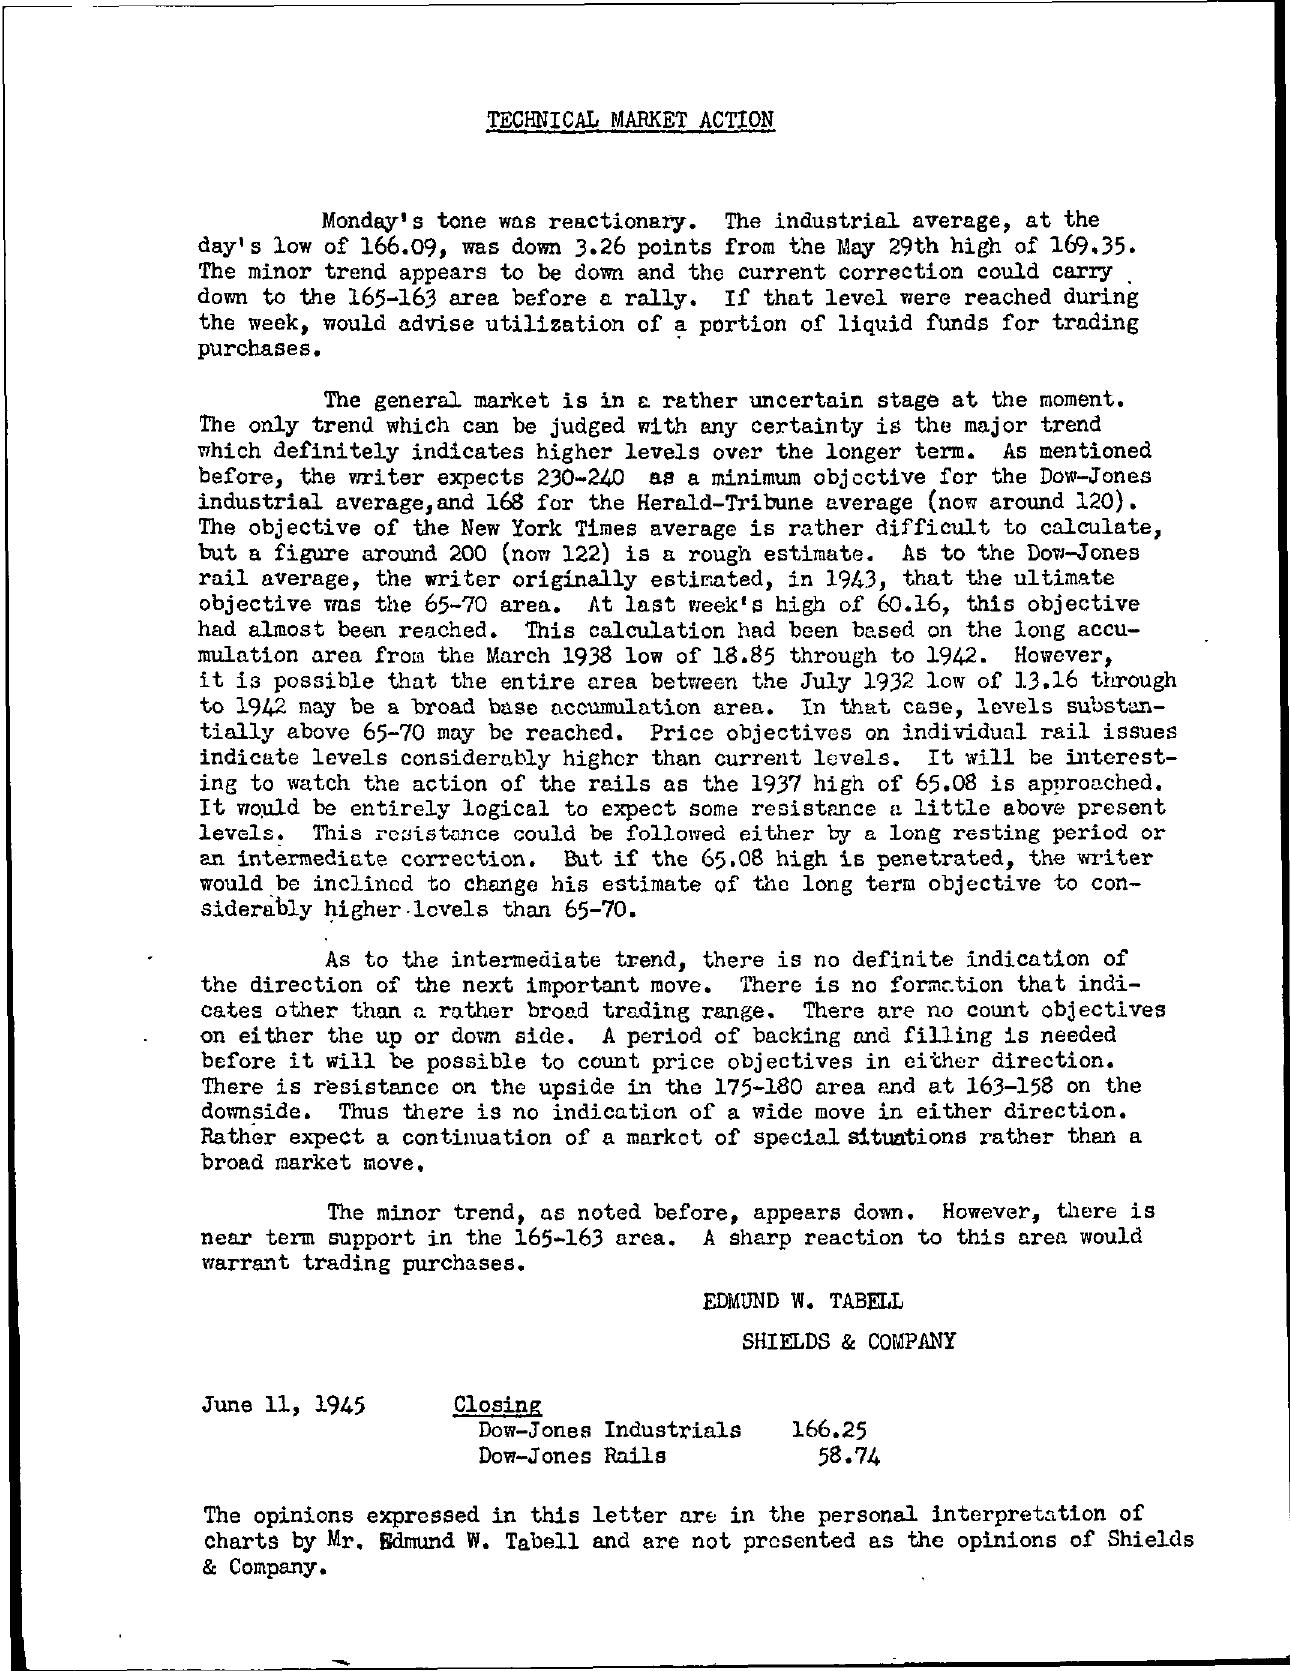 Tabell's Market Letter - June 11, 1945